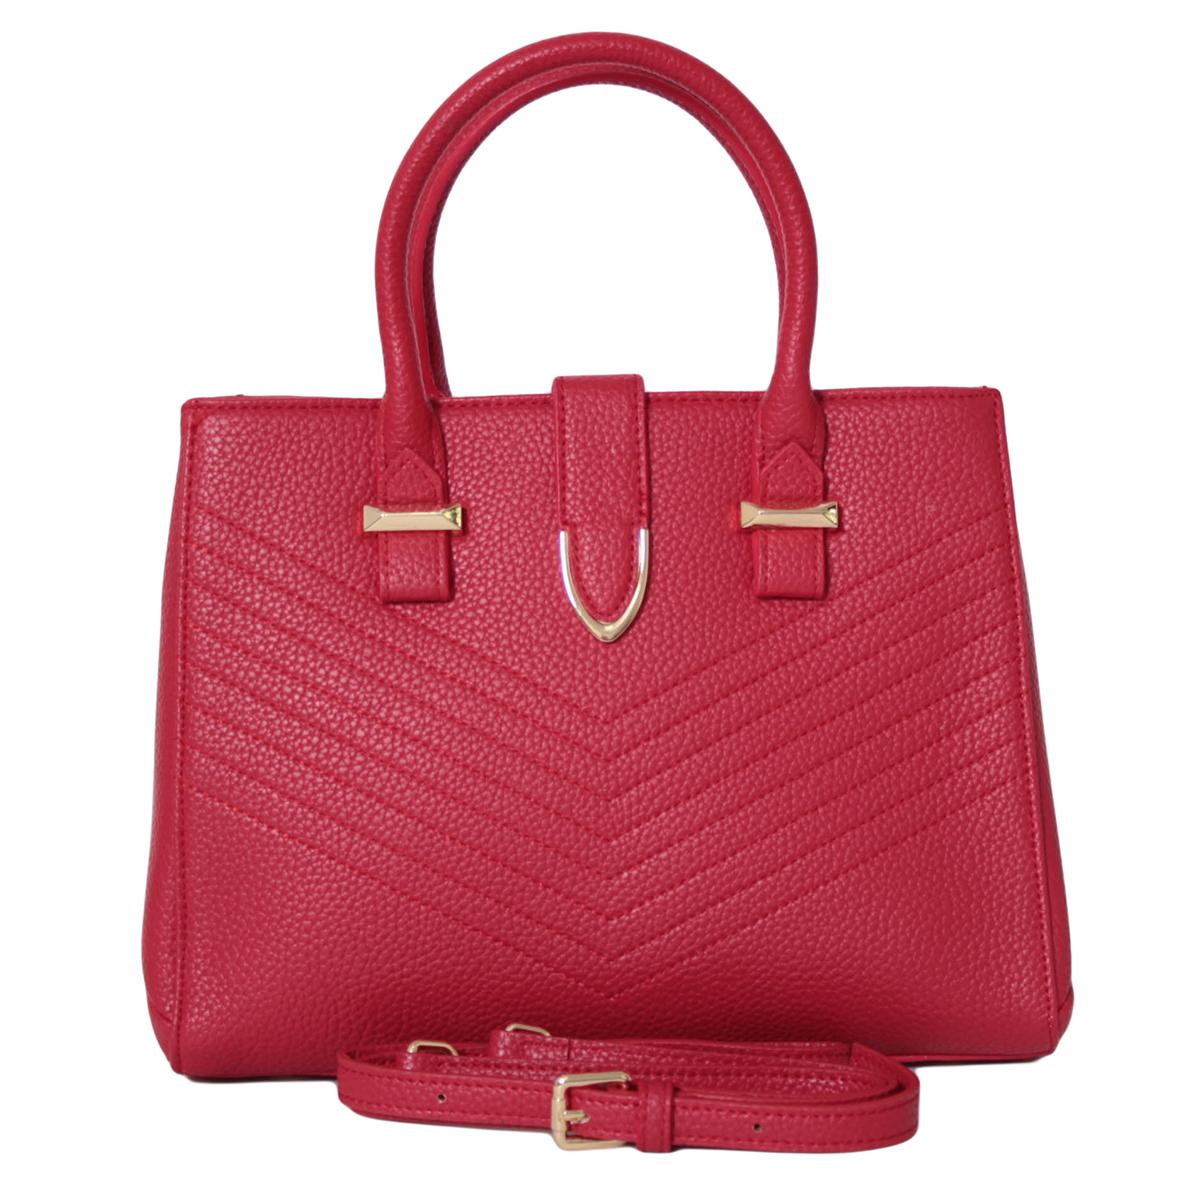 Сумка женская Flioraj, цвет: красный. 0005270900052709Закрывается на молнию, Внутри два отделения, два кармана на молнии и два открытых. На задней стенке карман на молнии. Есть длинный ремень.